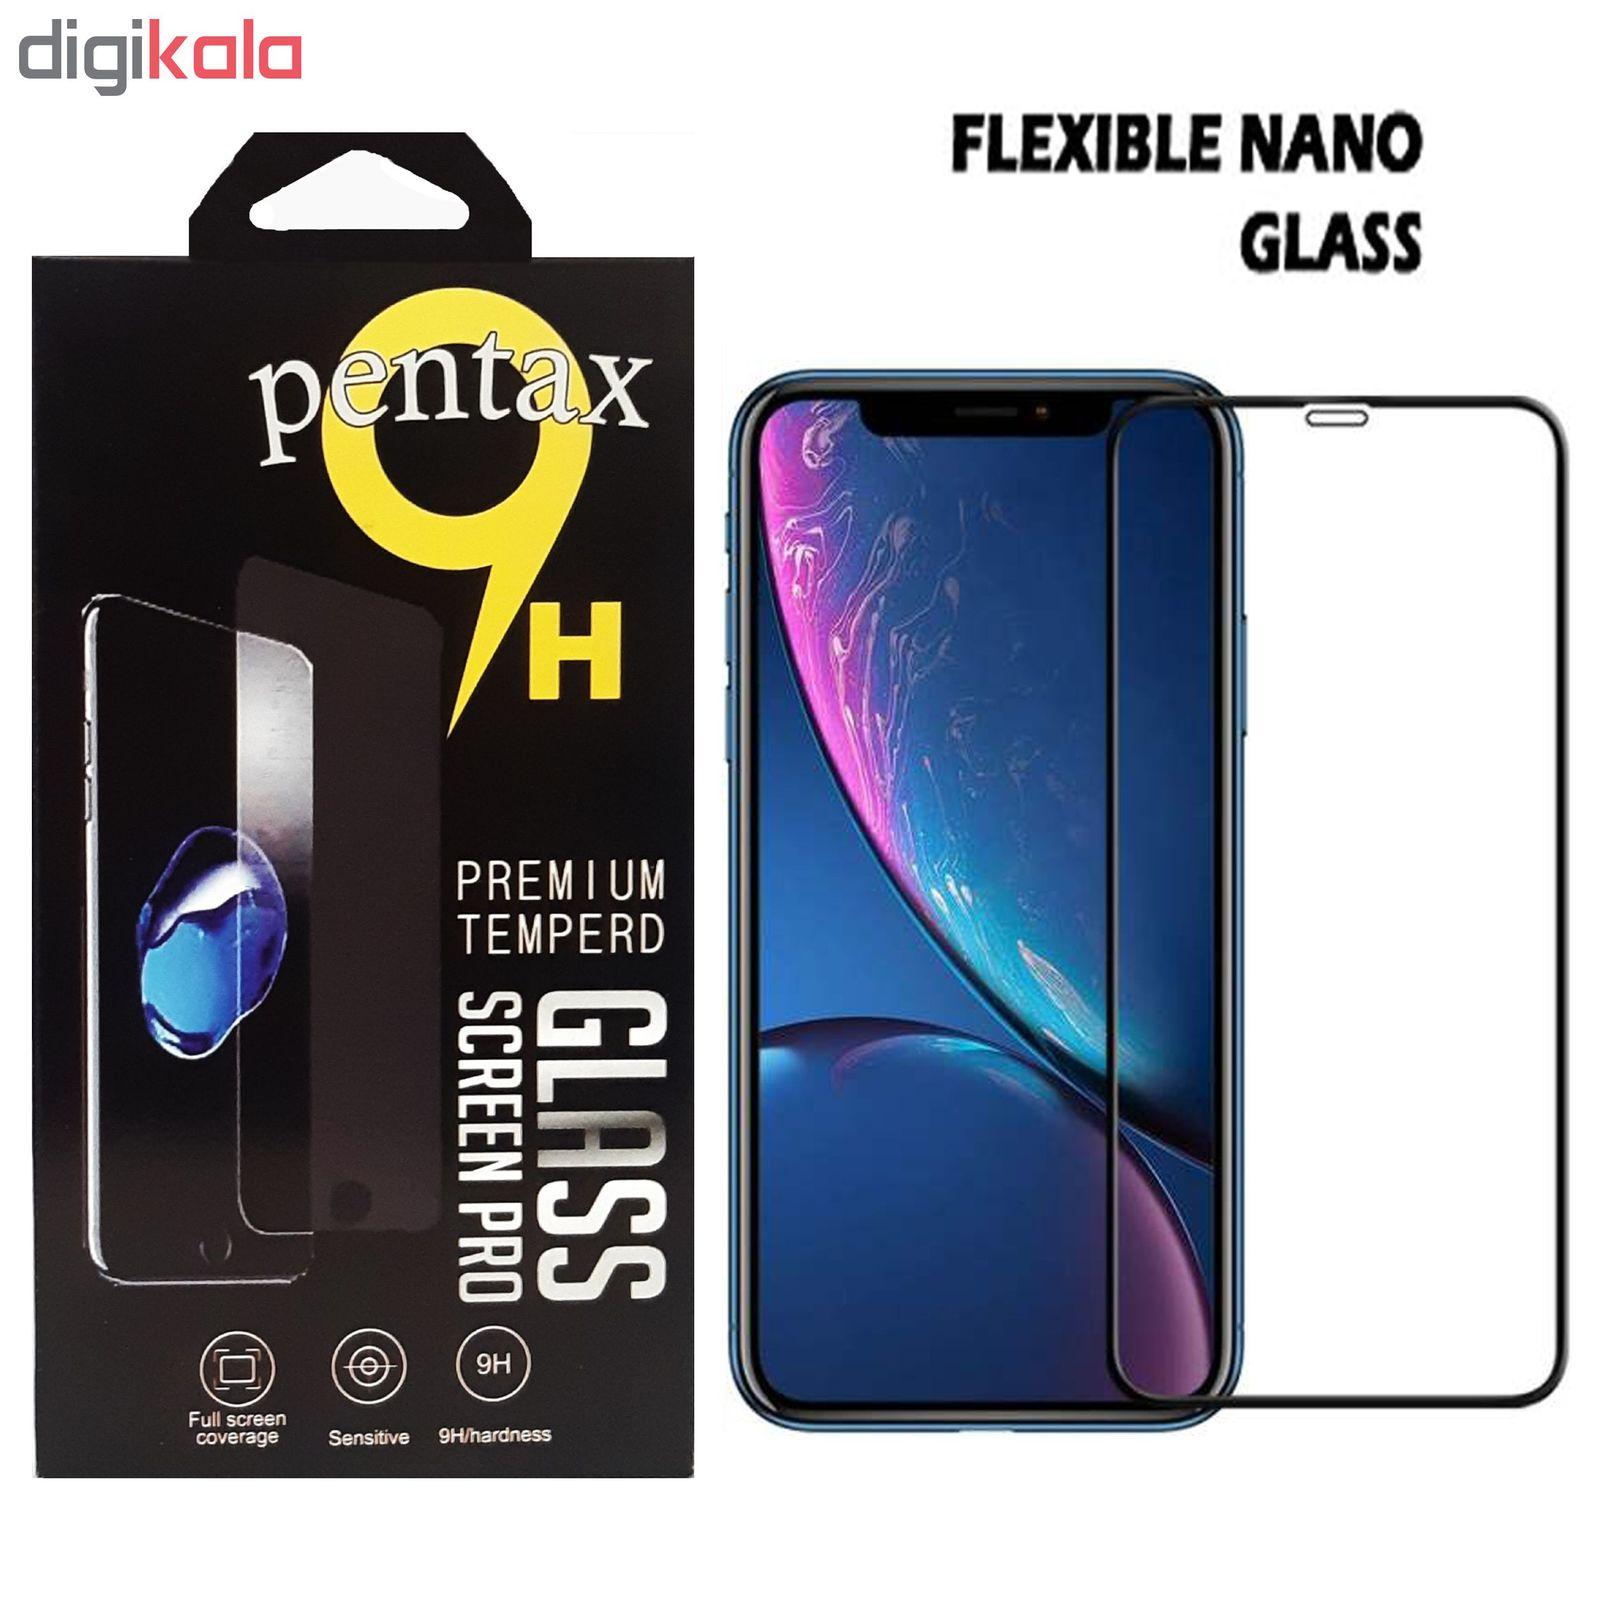 محافظ صفحه نمایش پنتاکس مدل NANO مناسب برای گوشی اپل Iphone XR main 1 1